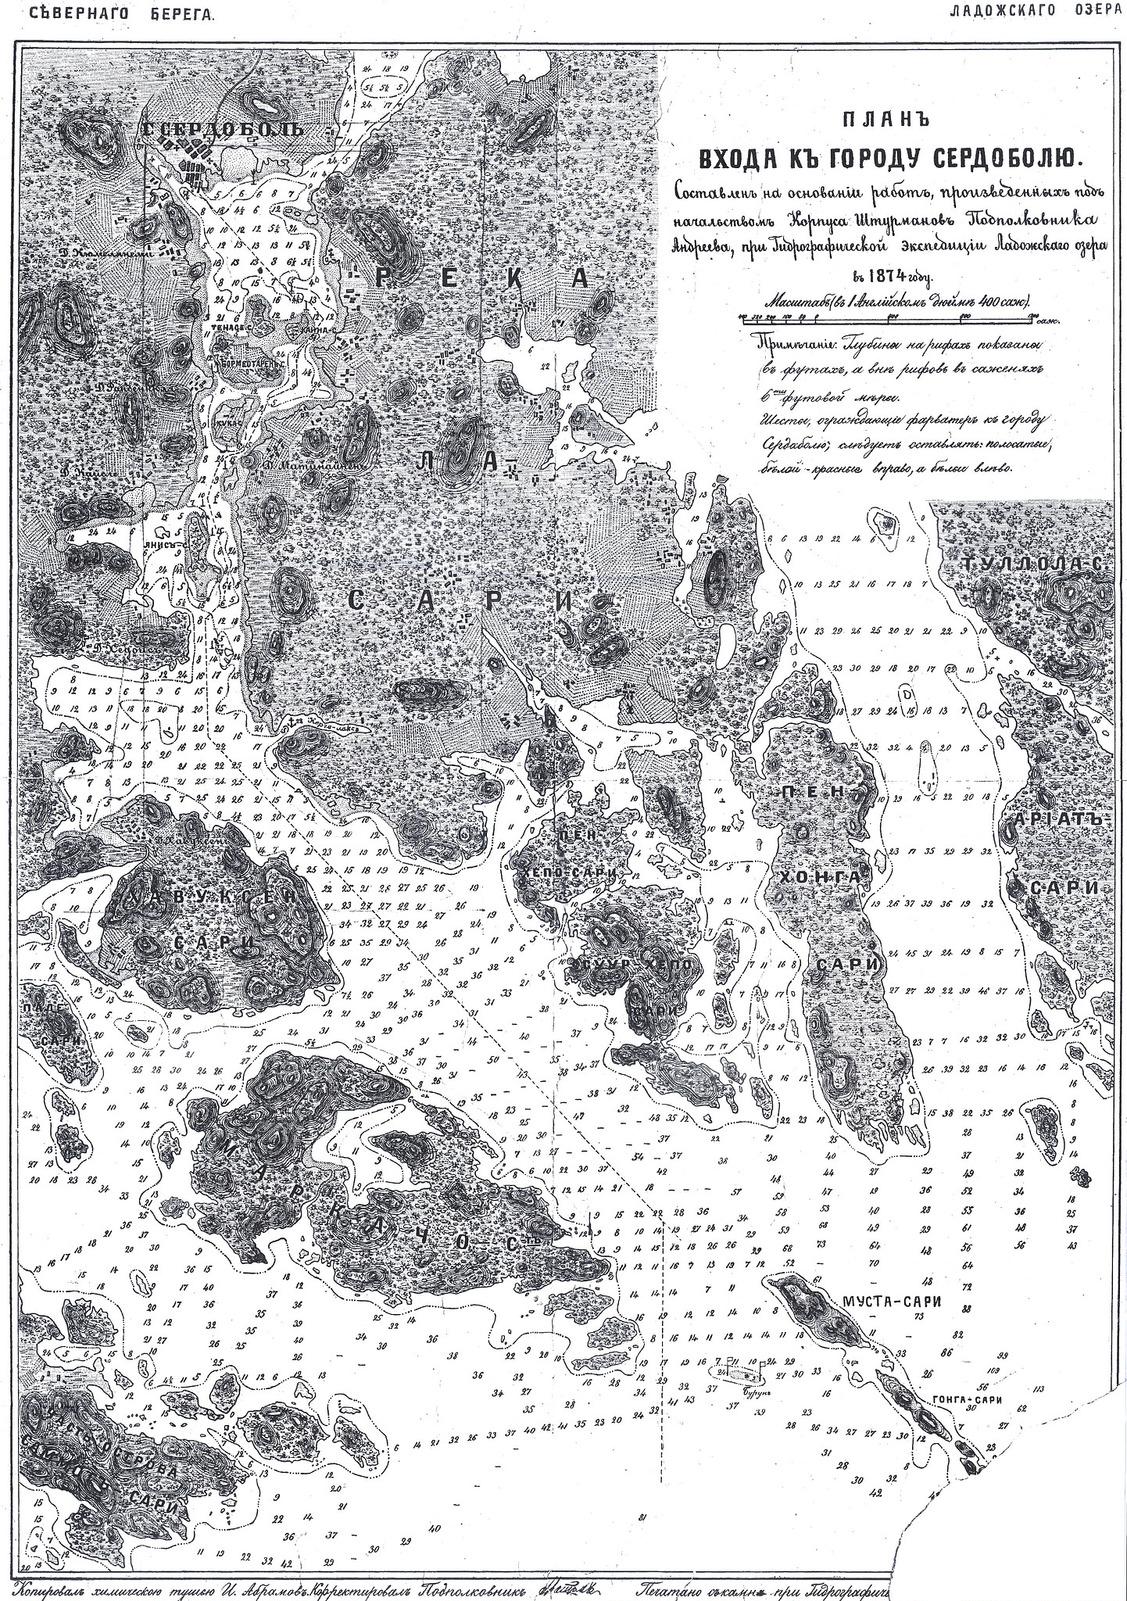 1874. План входа к городу Сердоболю